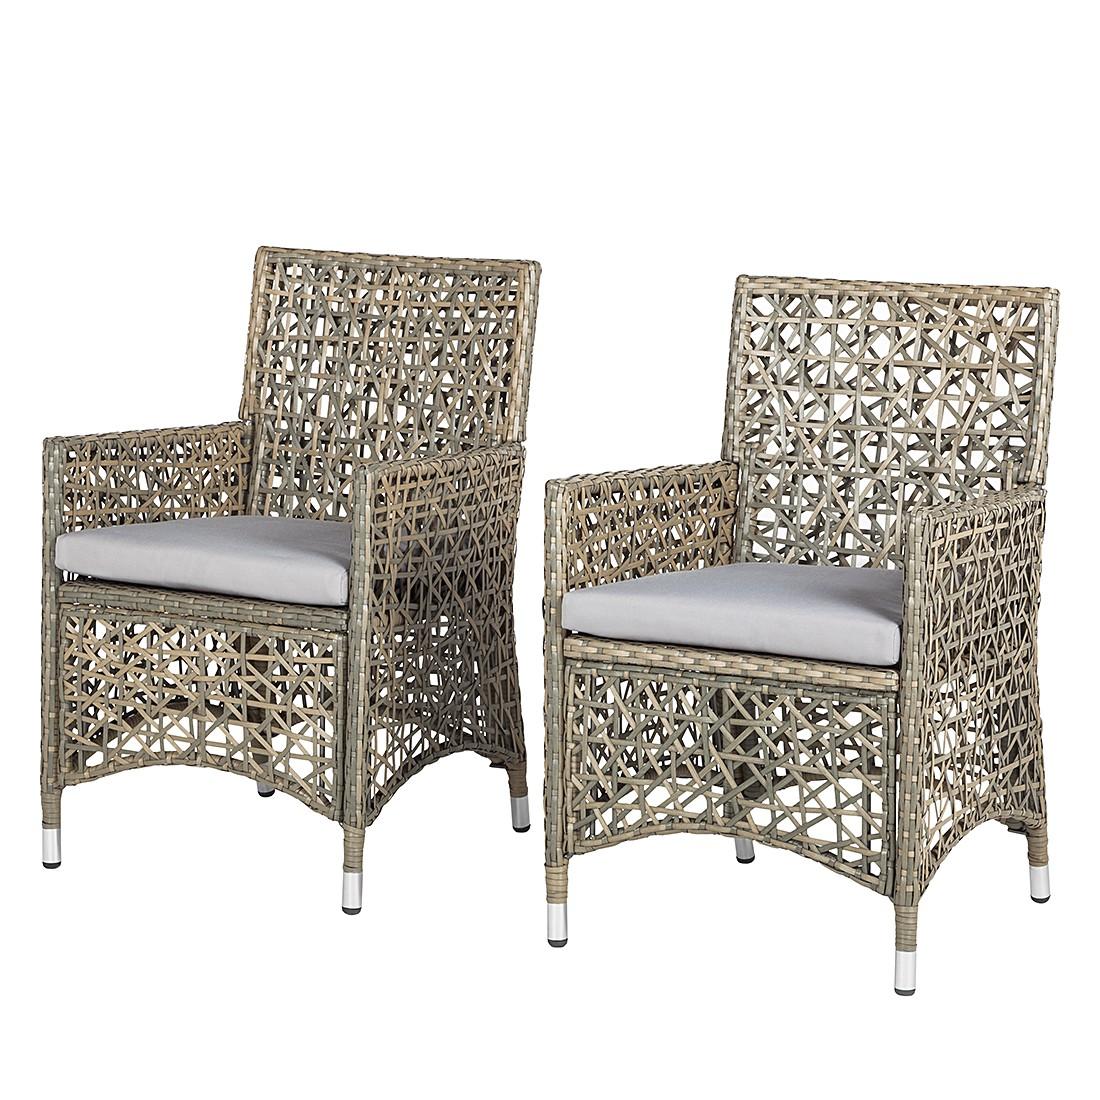 polyrattan anthrazit preisvergleich die besten angebote online kaufen. Black Bedroom Furniture Sets. Home Design Ideas